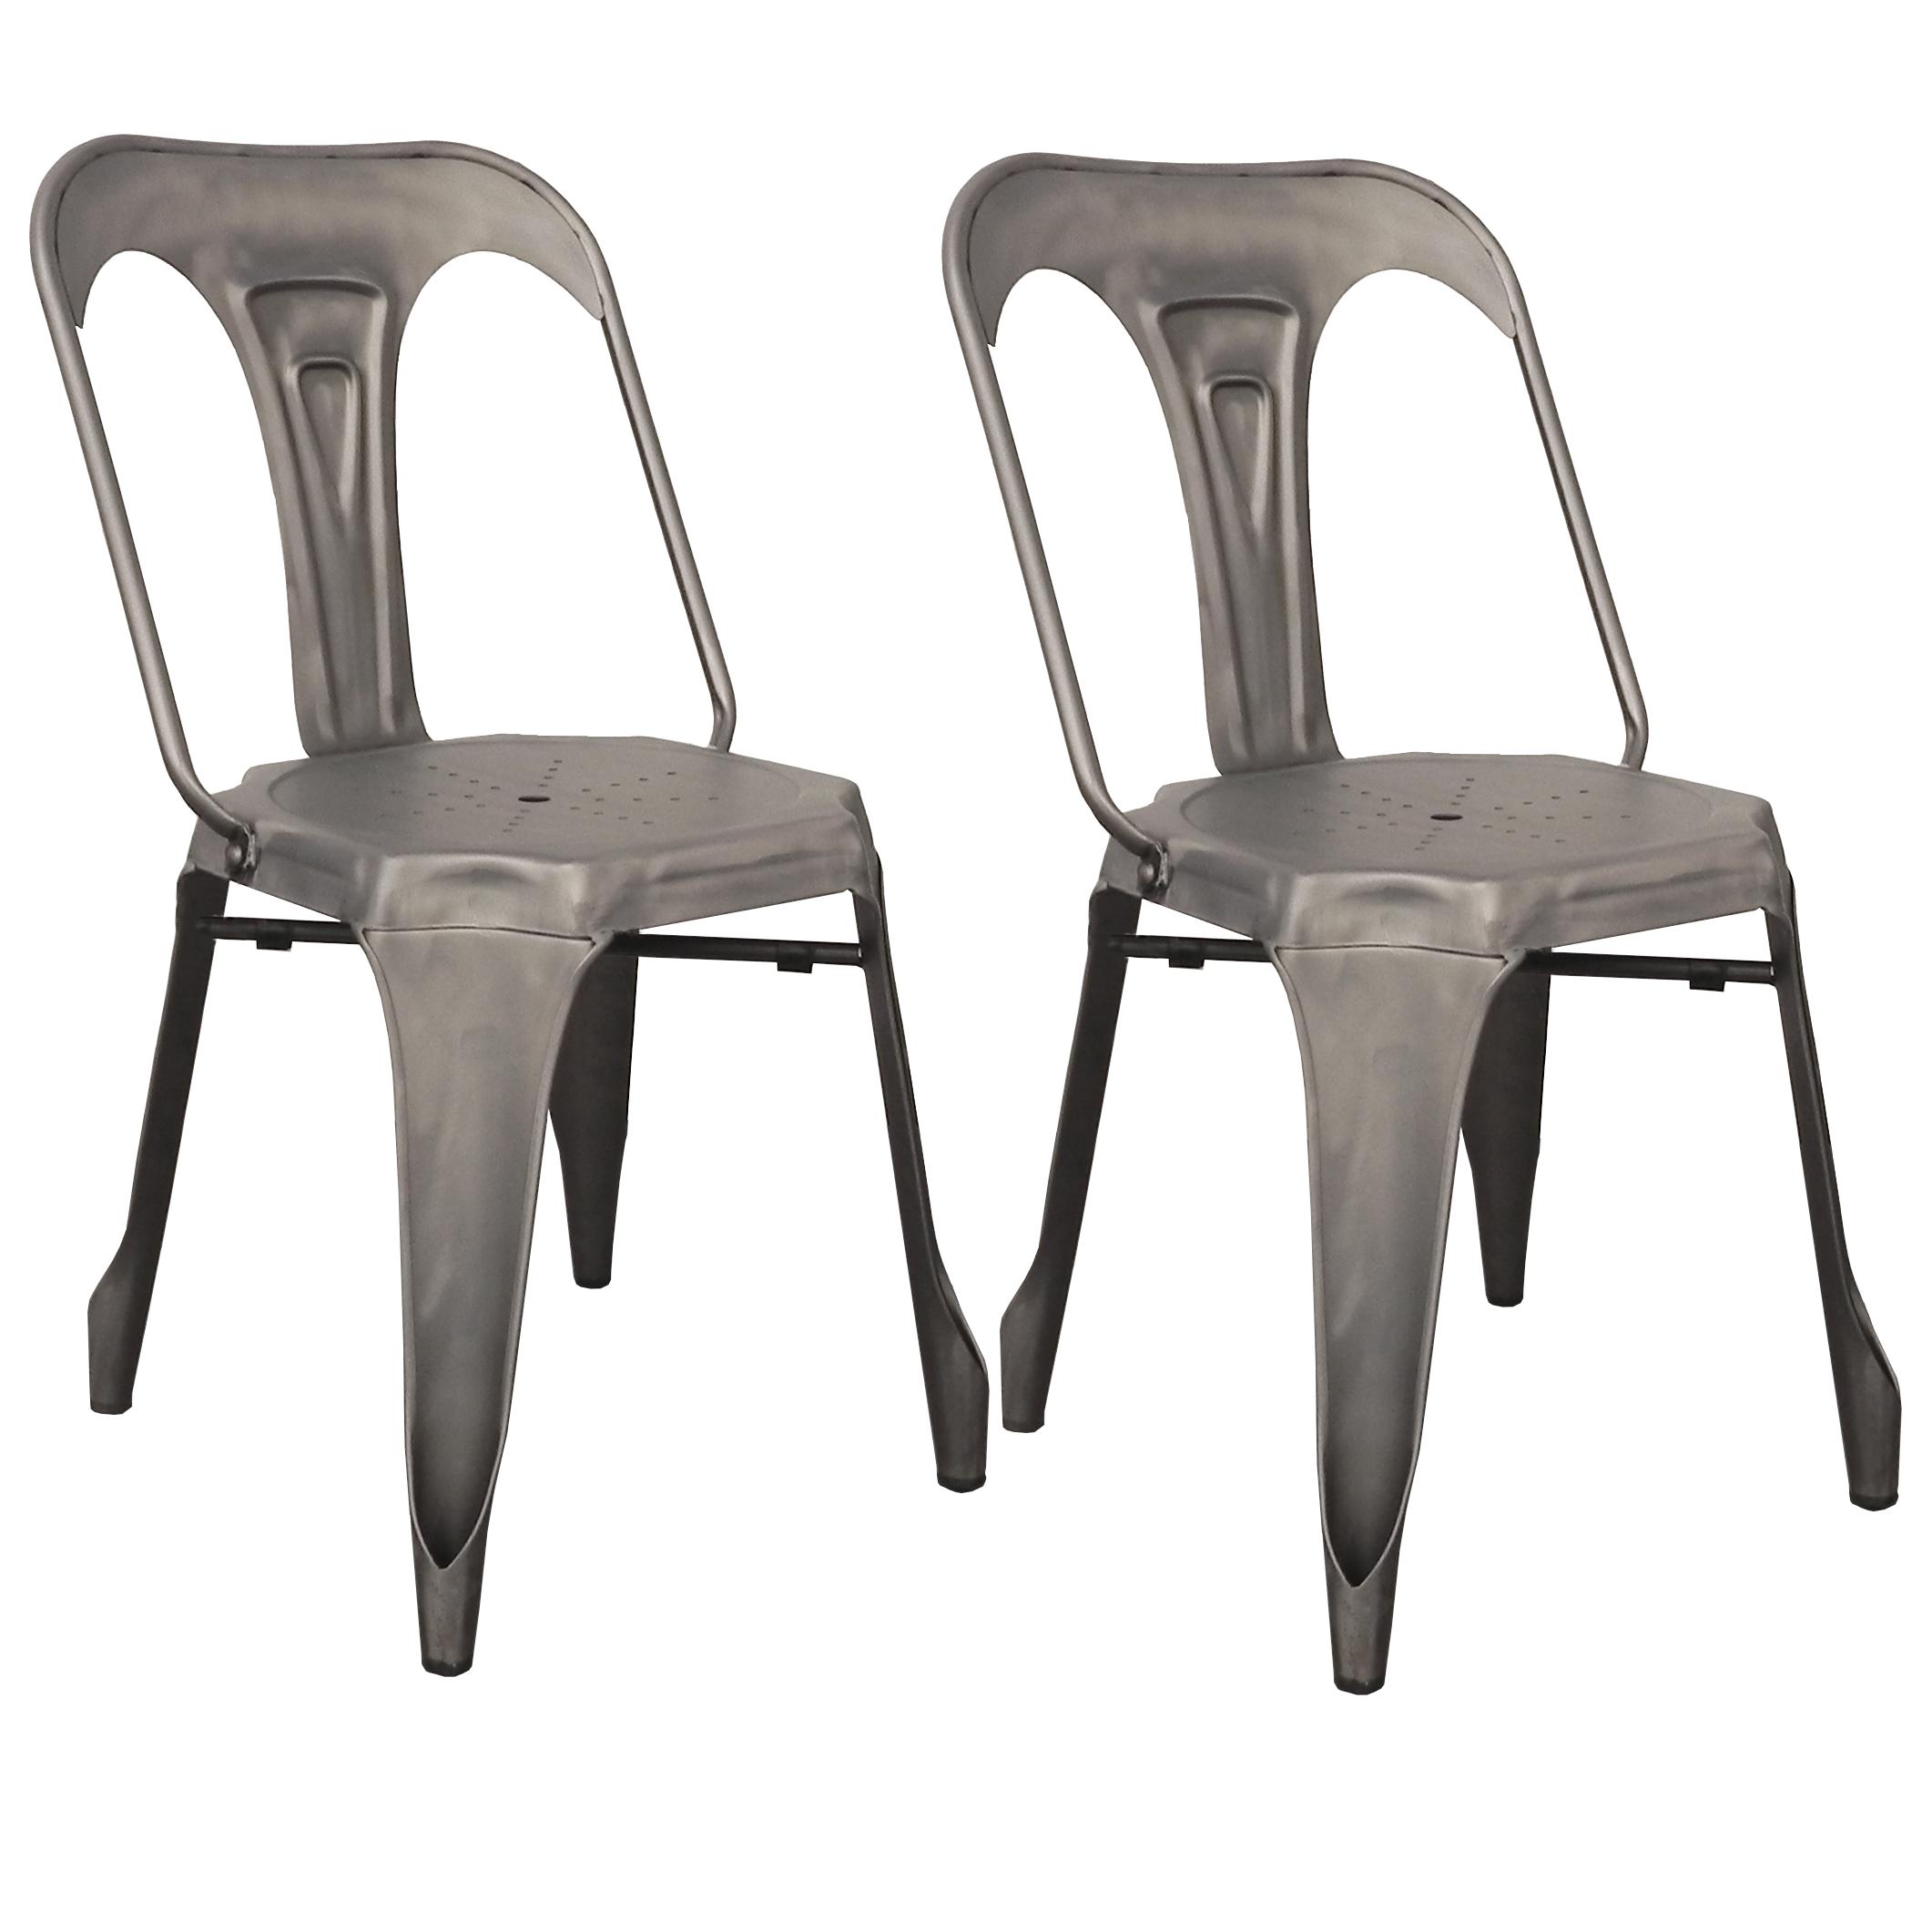 lot de 2 chaises style industriel en metal couleur chrome satine 44x53xh83cm ralf